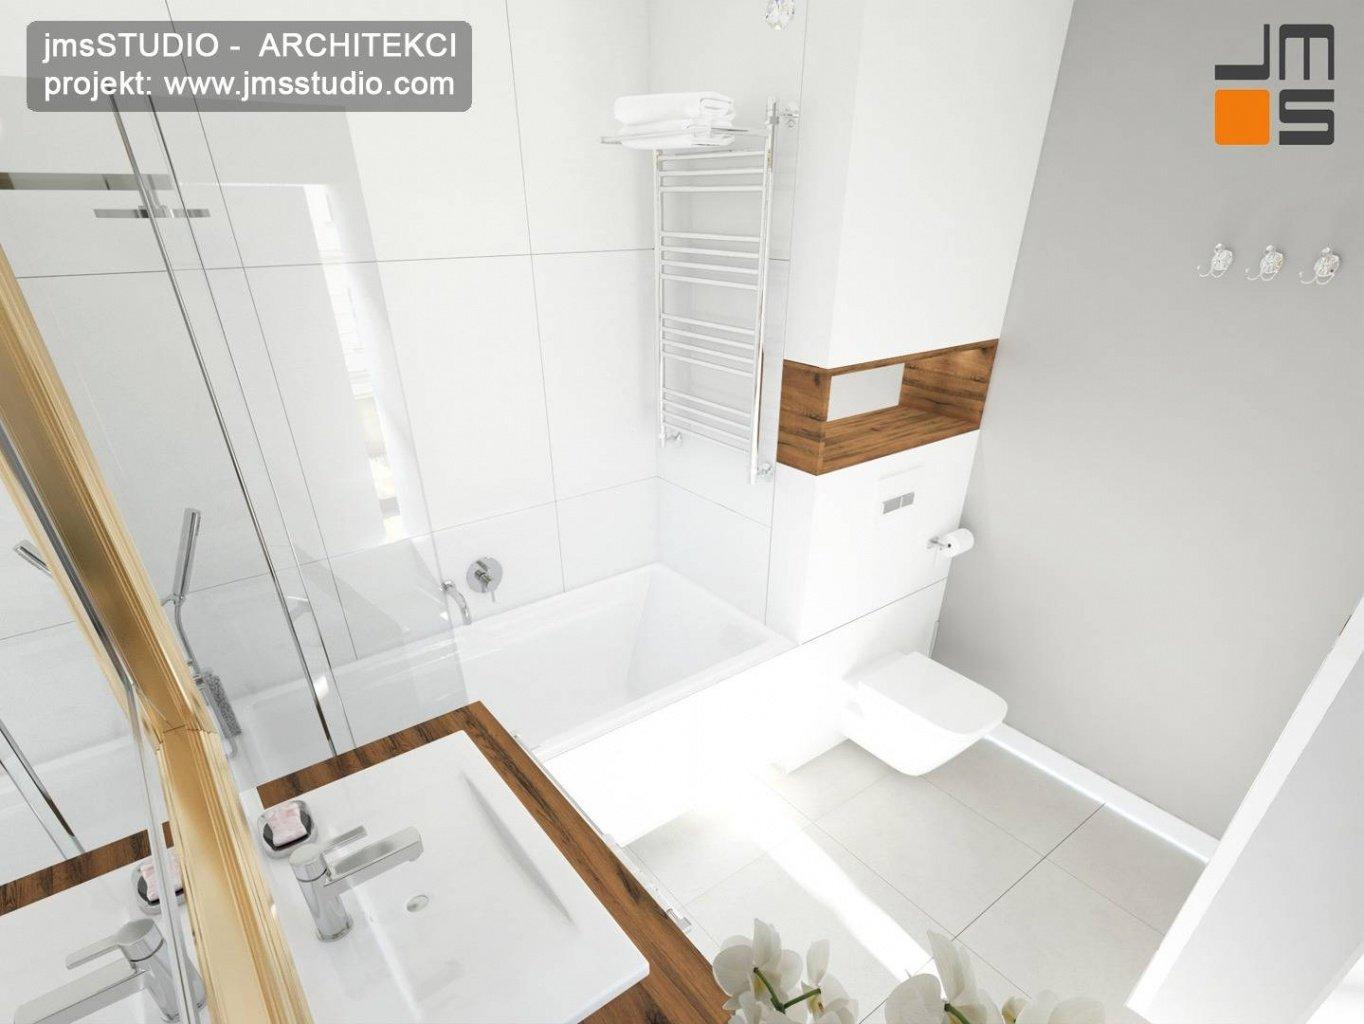 projektowanie wnętrz kraków pomysł na małą luksusową łazienkę